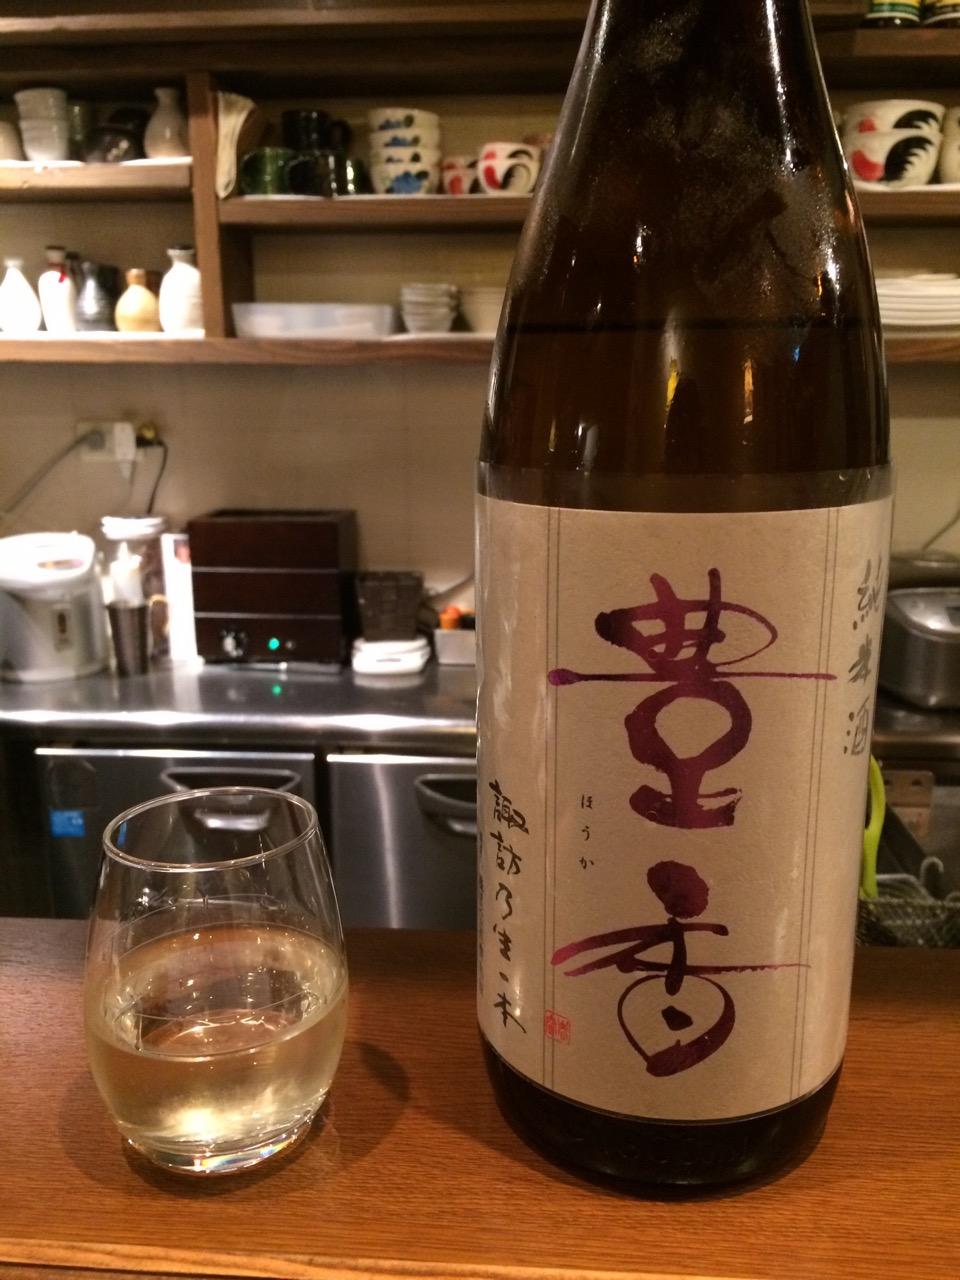 「豊香(ほうか) 純米原酒 生一本」日本酒テイスティングノート